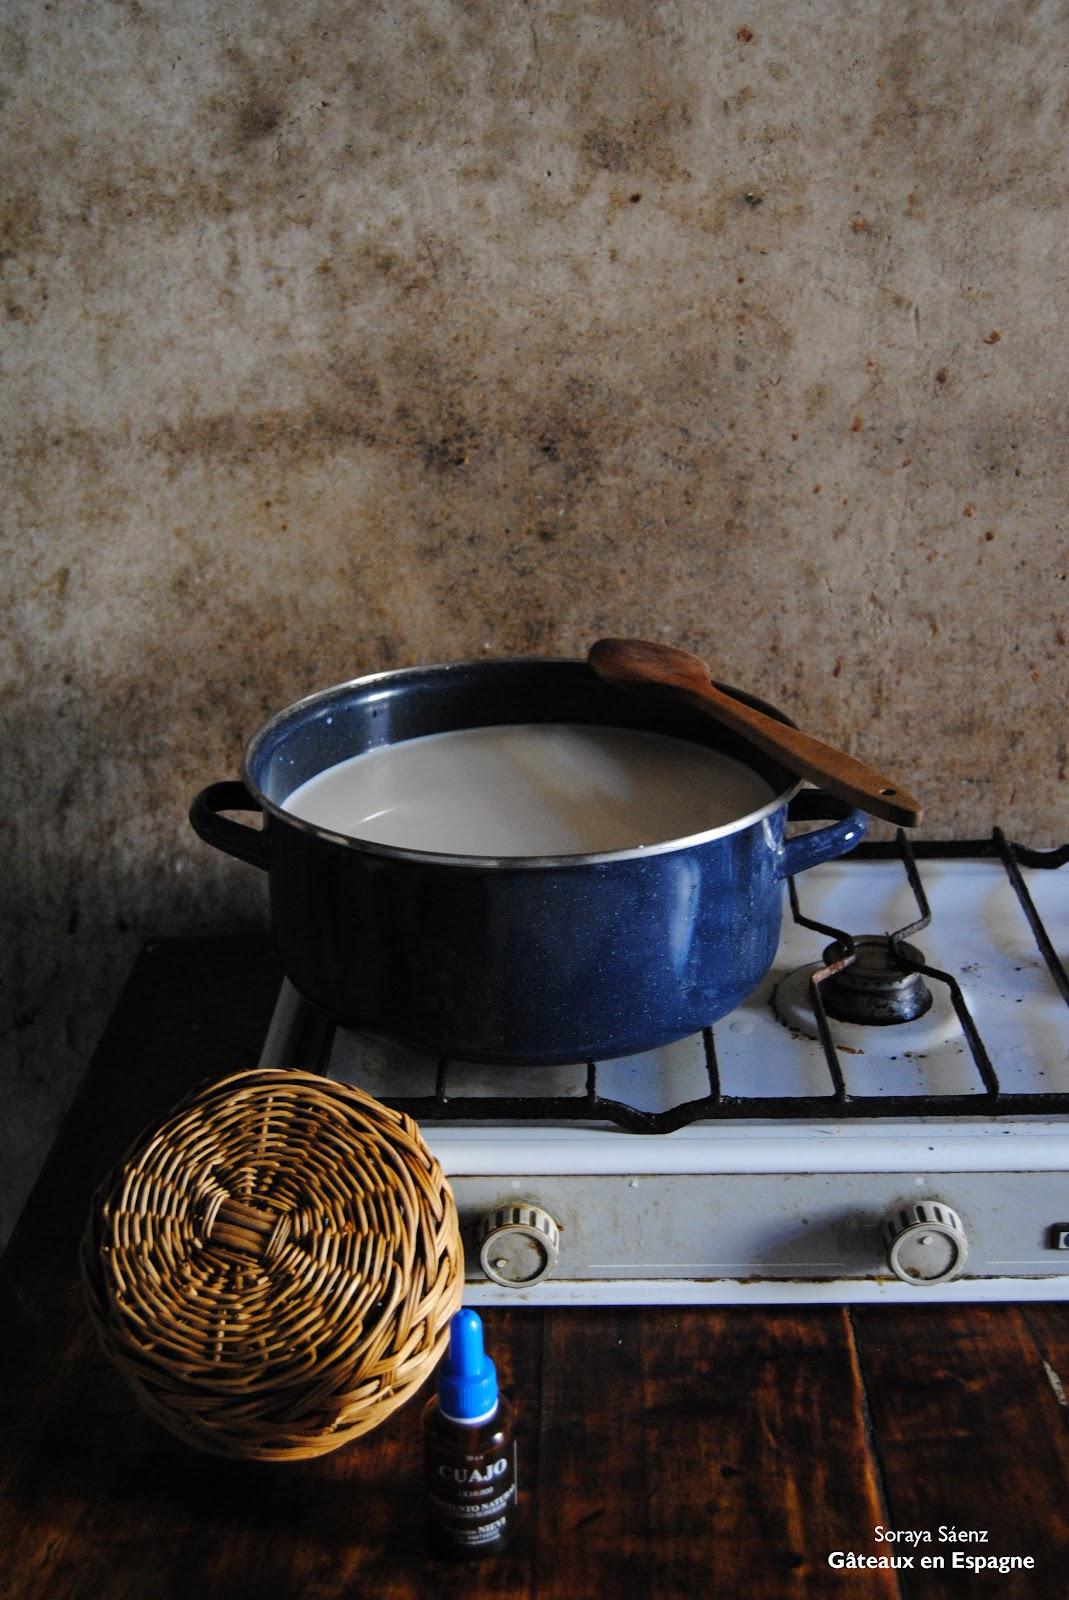 Comment Faire Du Fromage Blanc : comment, faire, fromage, blanc, GÂTEAUX, ESPAGNE:, Comment, Faire, Fromage, Chèvre, Maison: